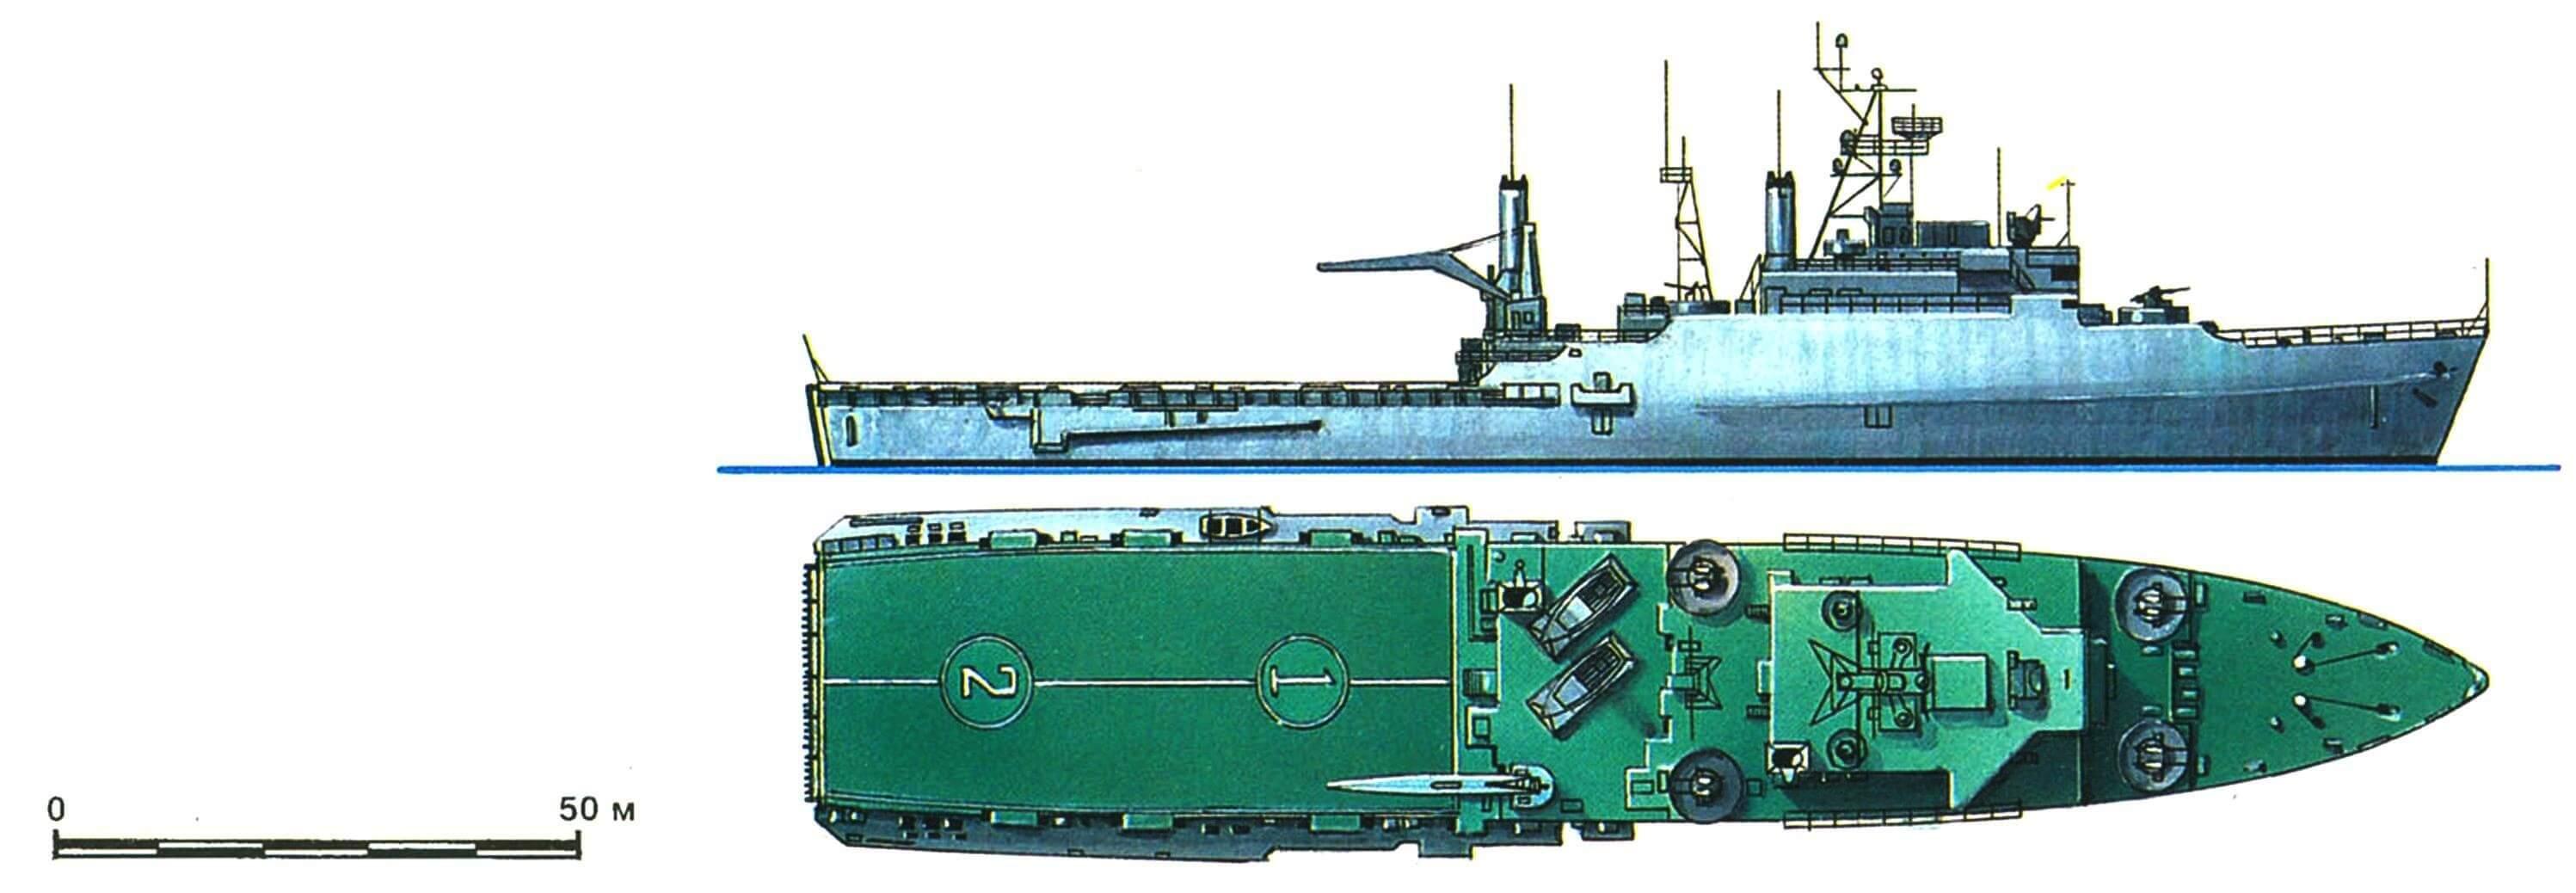 29. Десантный транспорт-док «Рэлей», США, 1962 г. Водоизмещение стандартное 8050 т, полное 13 900 т. Длина 159,1 м, ширина 25,6 м, осадка 7 м. Турбины общей мощностью 24 000 л.с., скорость 21 узел. Вооружение: восемь 76-мм универсальных орудий. Вместимость: до 840 десантников или 3900 т груза. В 1962 — 1965 годах построено три корабля этого типа, а в 1965 — 1970 годах — 12 единиц близкого типа «Остин» (водоизмещение стандартное 11 050 т, полное 16 900 т, длина 171 м, ширина 25,8 м, осадка 6,7 м, скорость 20 узлов, остальные данные те же).